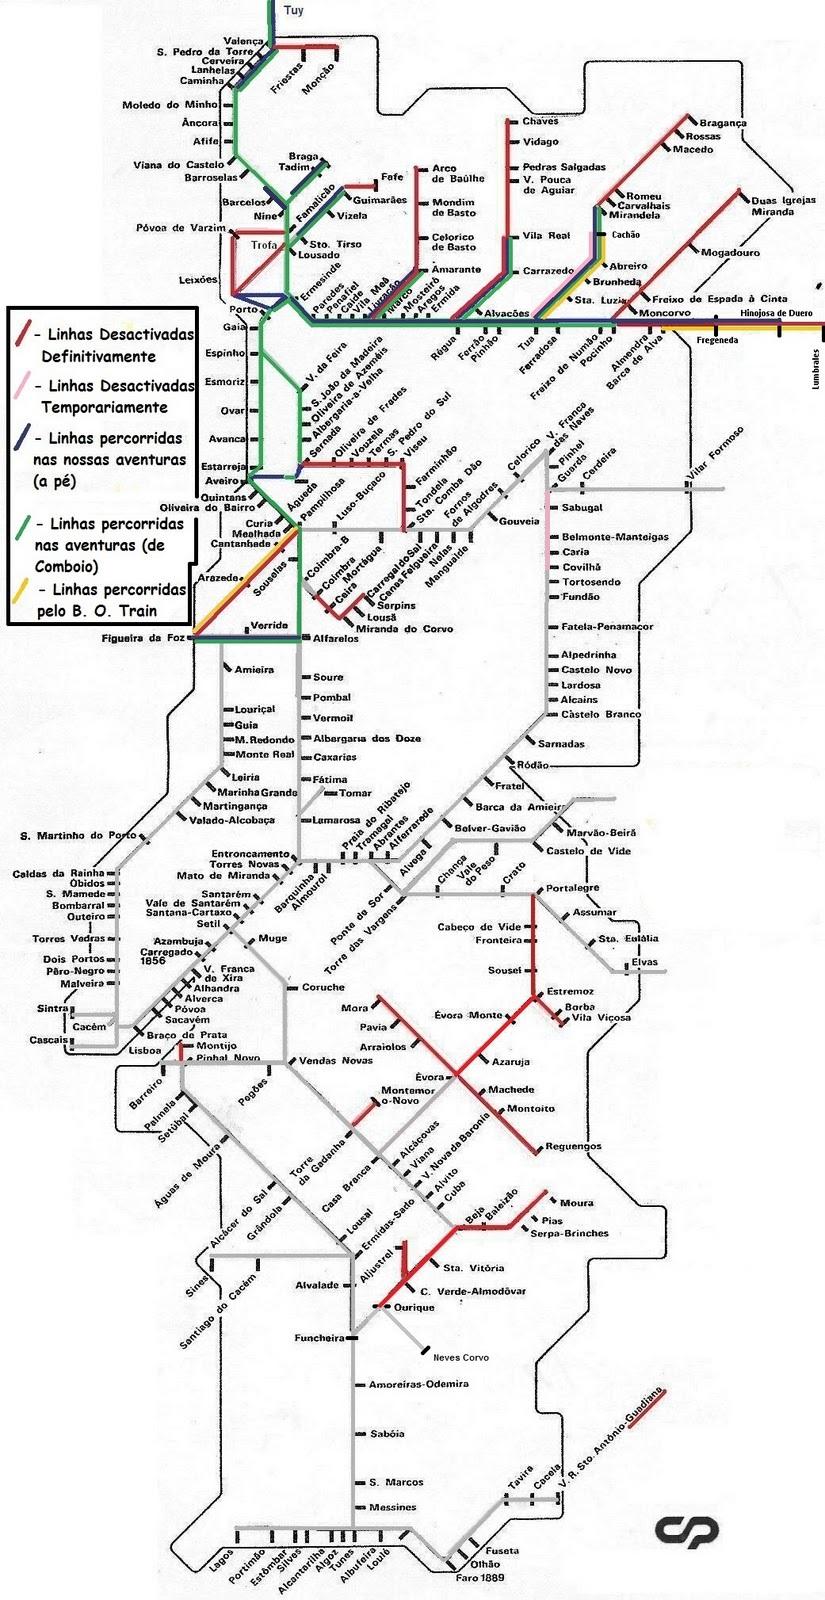 mapa das linhas ferroviarias de portugal The Brave Ones: SITE OFICIAL DOS THE BRAVE ONES mapa das linhas ferroviarias de portugal